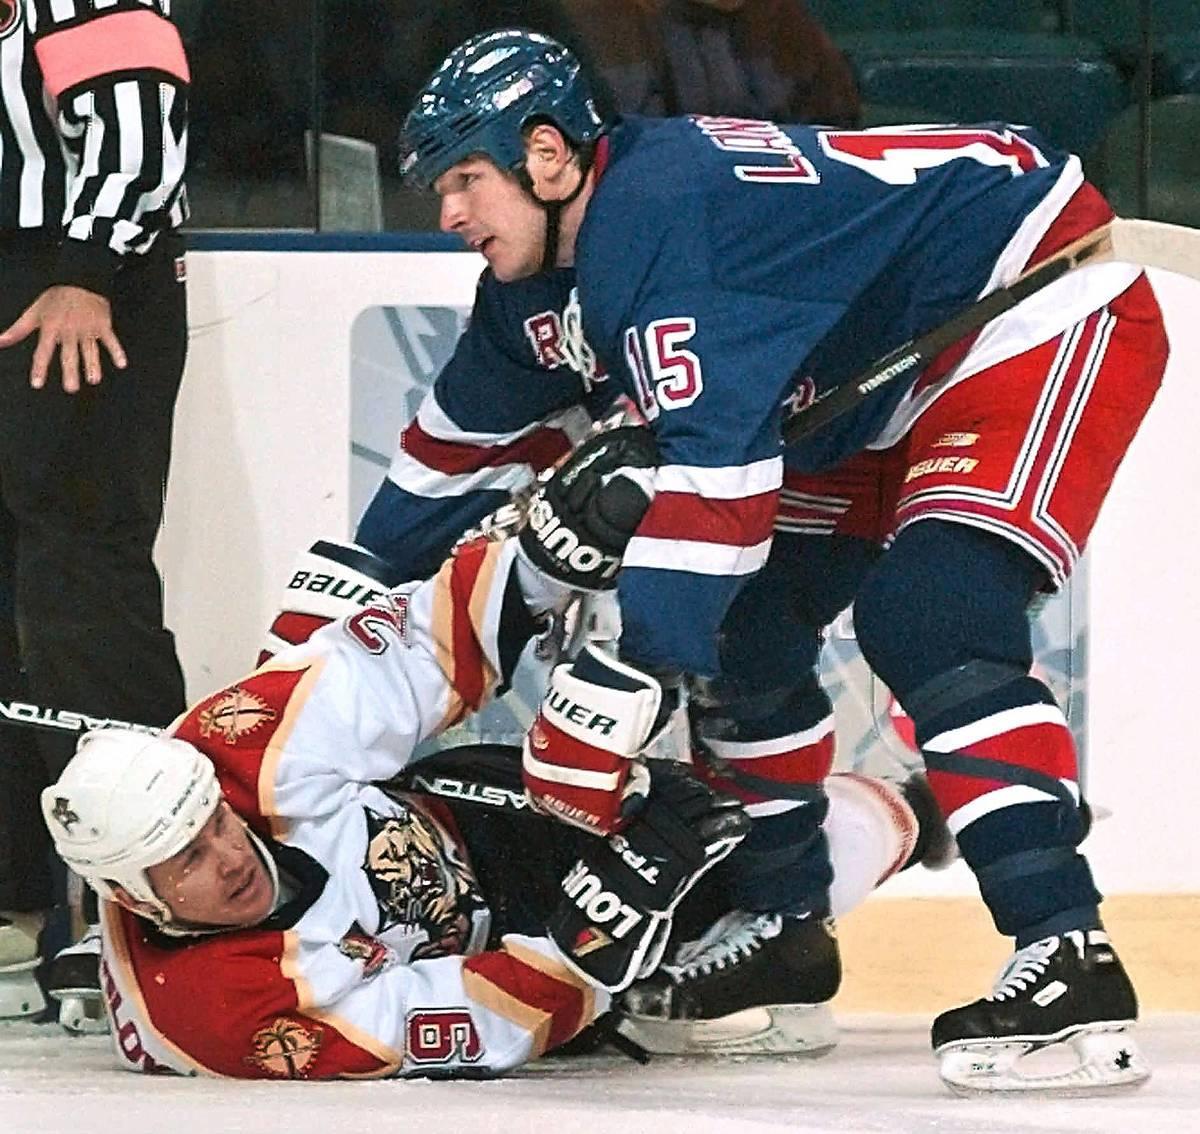 SMÄRTSAMT  Johan Garpenlöv får ta en smäll under en NHL-match när han spelade för Florida Panthers. I dag är Garpenlövs kropp sliten efter alla hockeyskador.